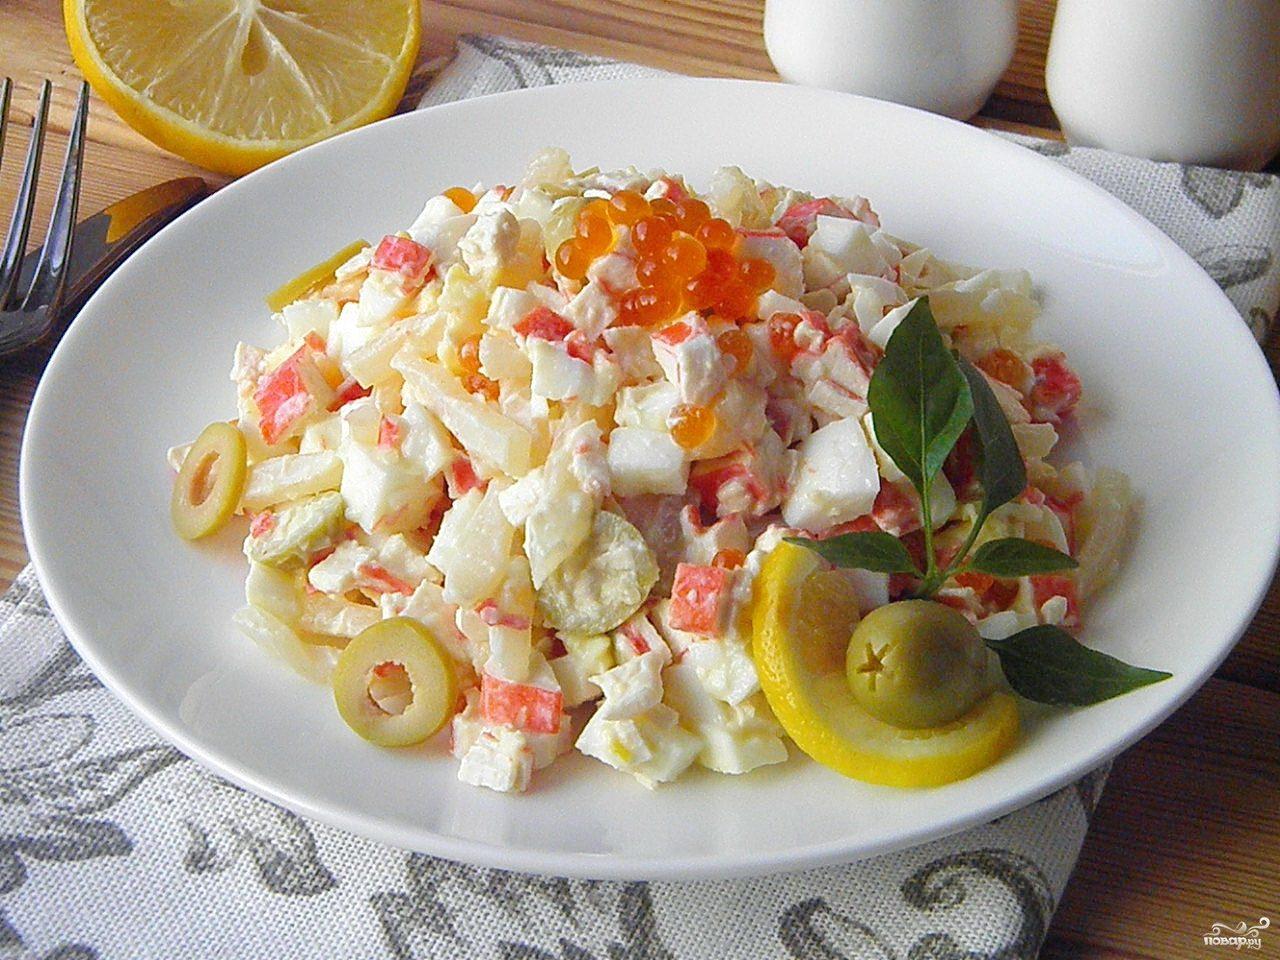 Салат с кальмарами самый вкусный от Жрать.ру